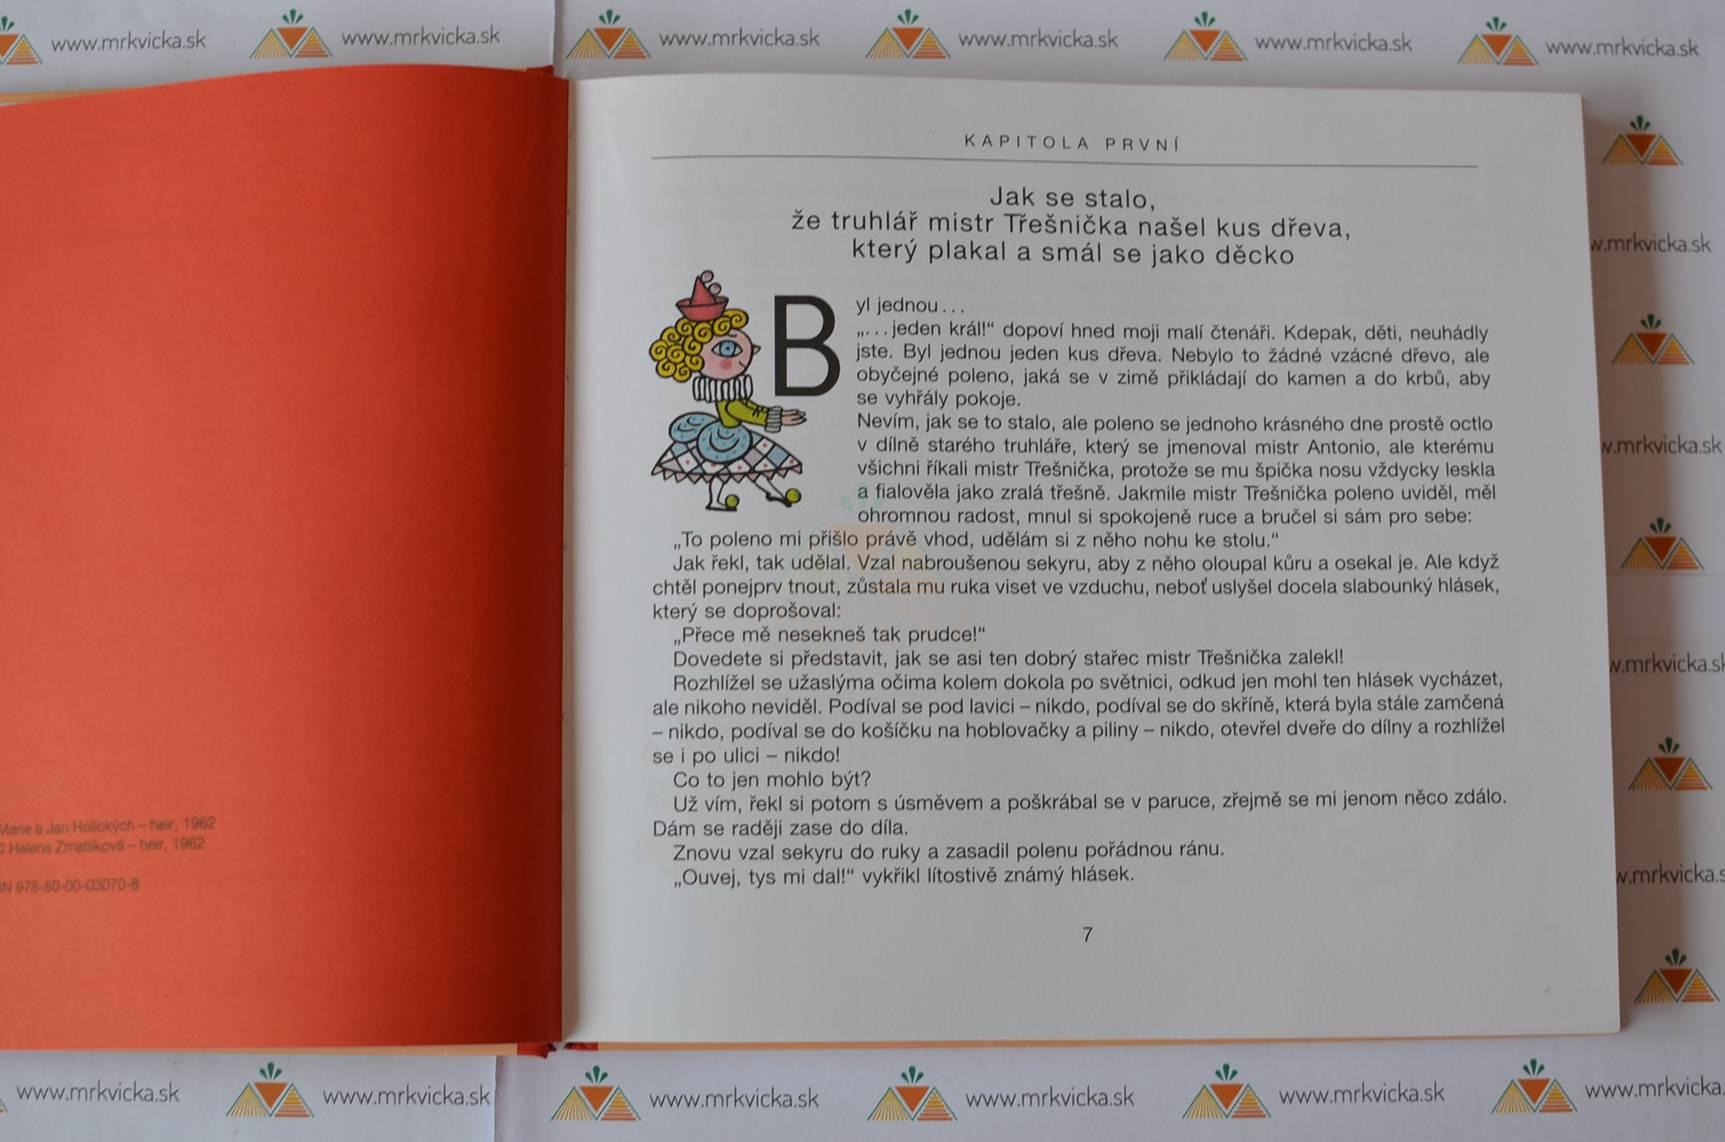 Pinocchiova dobrodružství - ilustrovaná